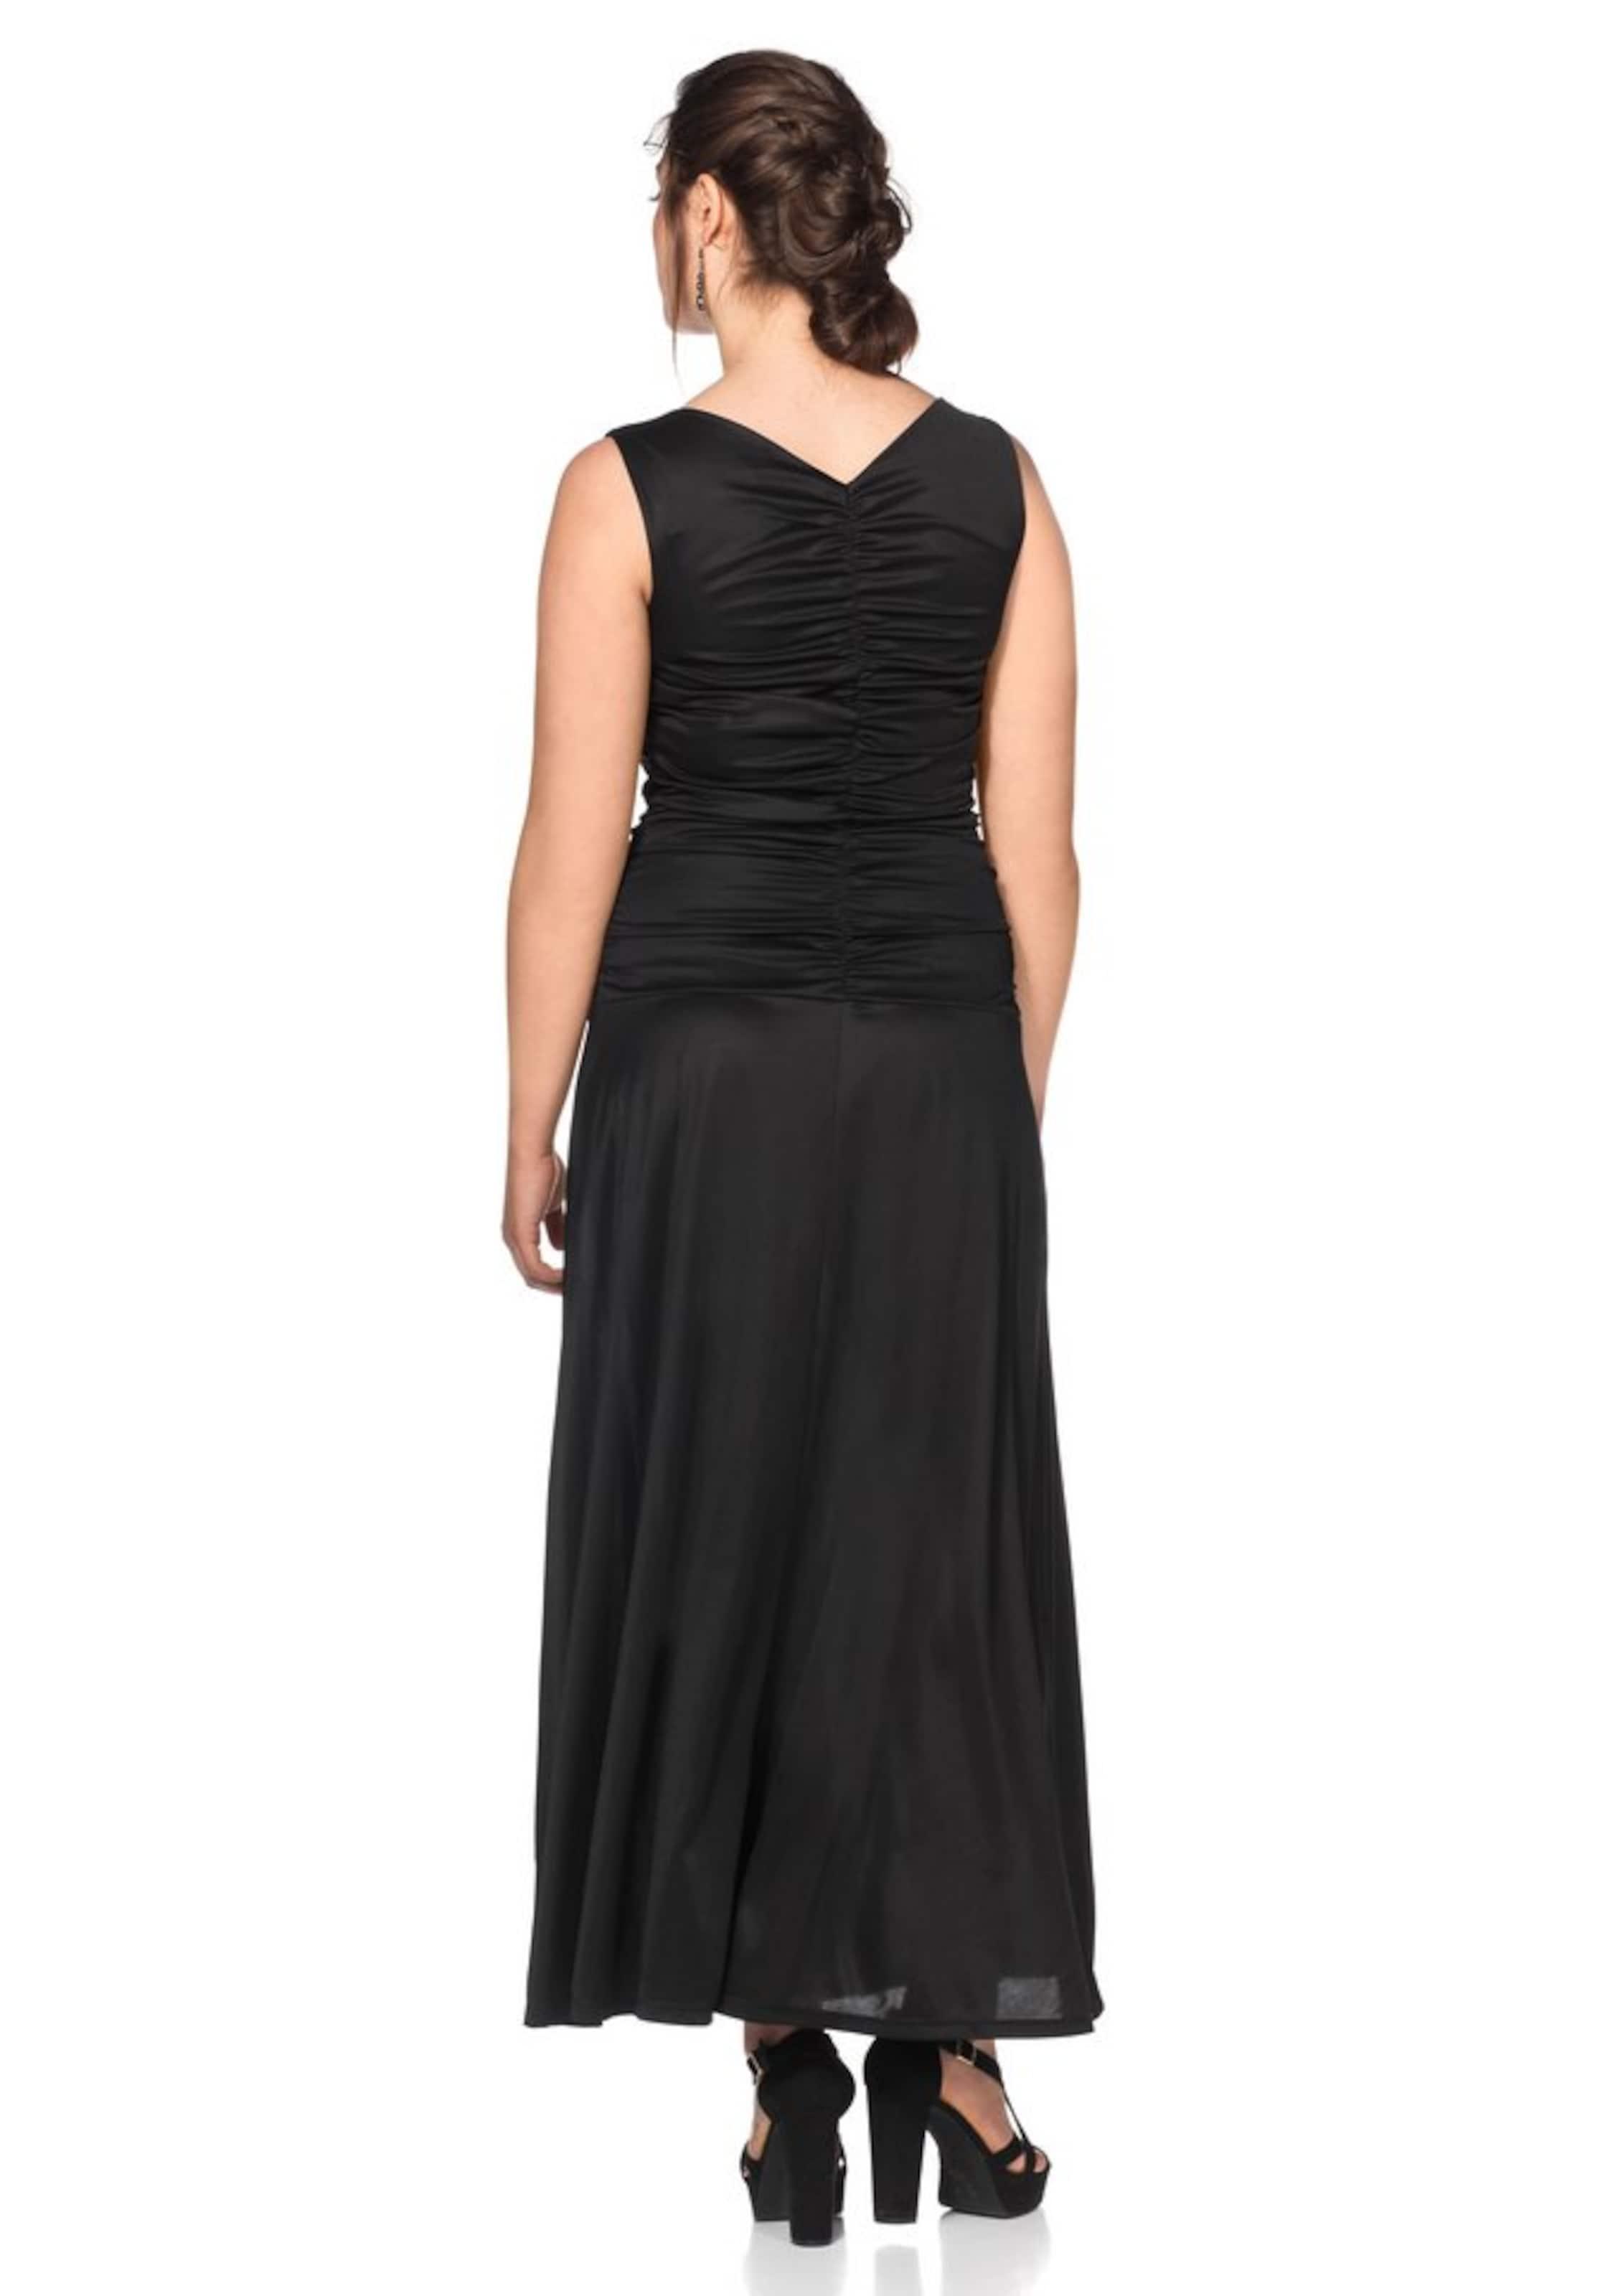 Kleid Kleid In Style Style In Sheego Kleid Schwarz Style Sheego Sheego Schwarz FK3lT1cJ